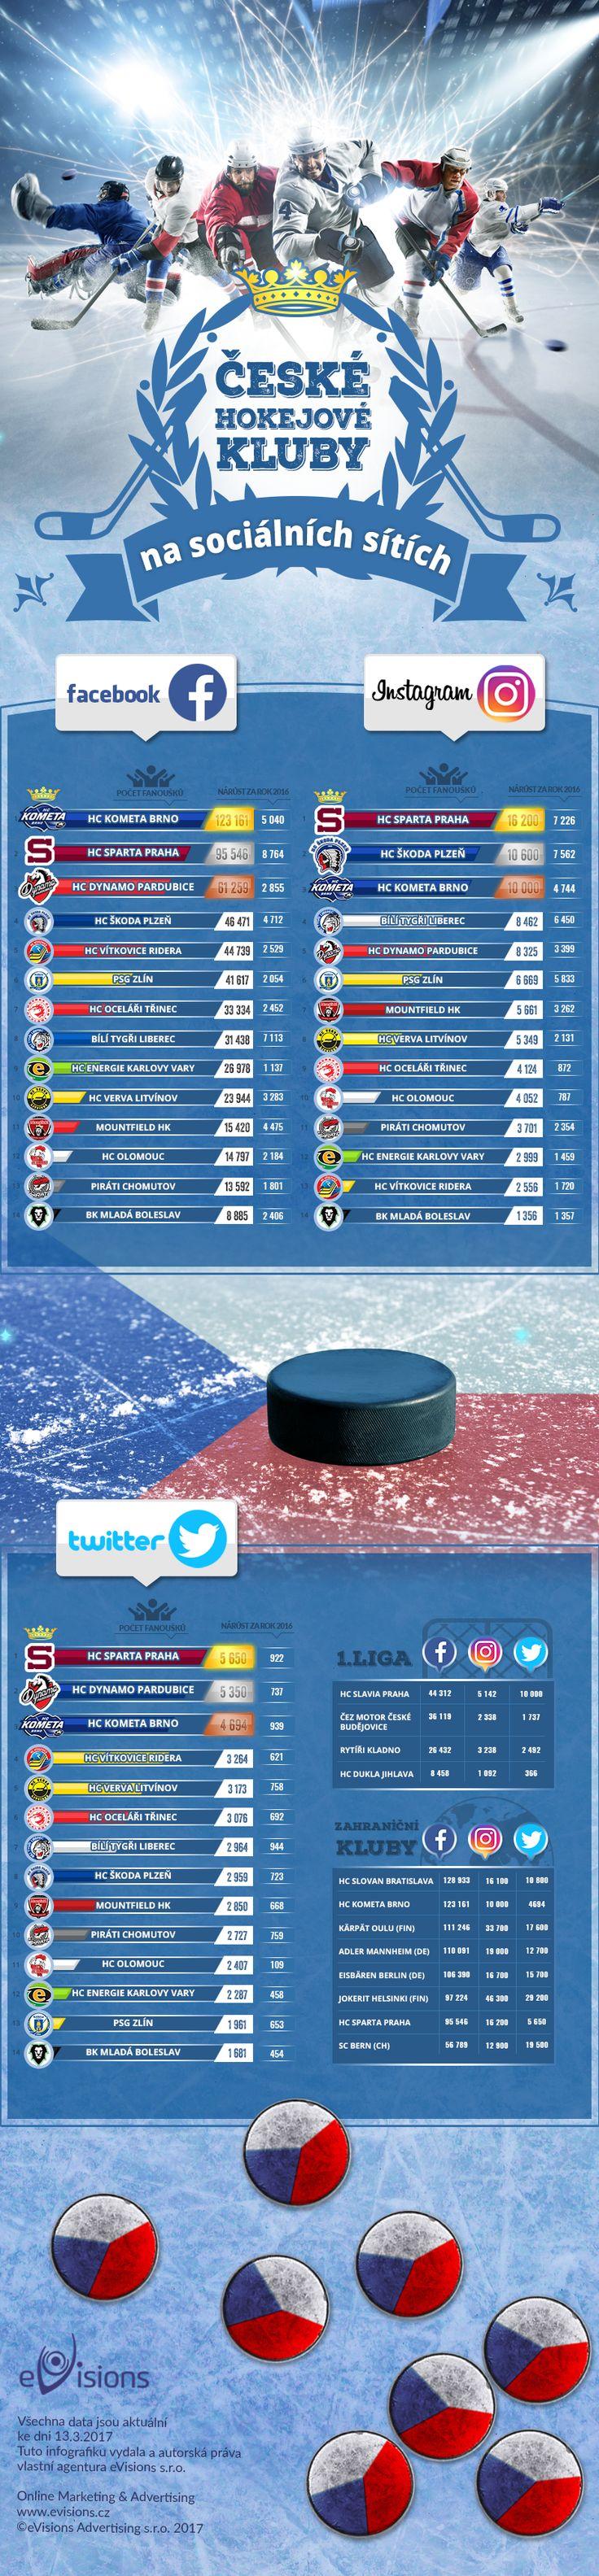 České hokejové kluby na sociálních sítích v roce 2017 Jak by obstály hokejové kluby, kdyby se nehrálo na branky, ale na počet fanoušků na Facebooku, Instagramu a Twitteru? Prozkoumali jsme za vás sociální sítě a došli k několika překvapivým závěrům.